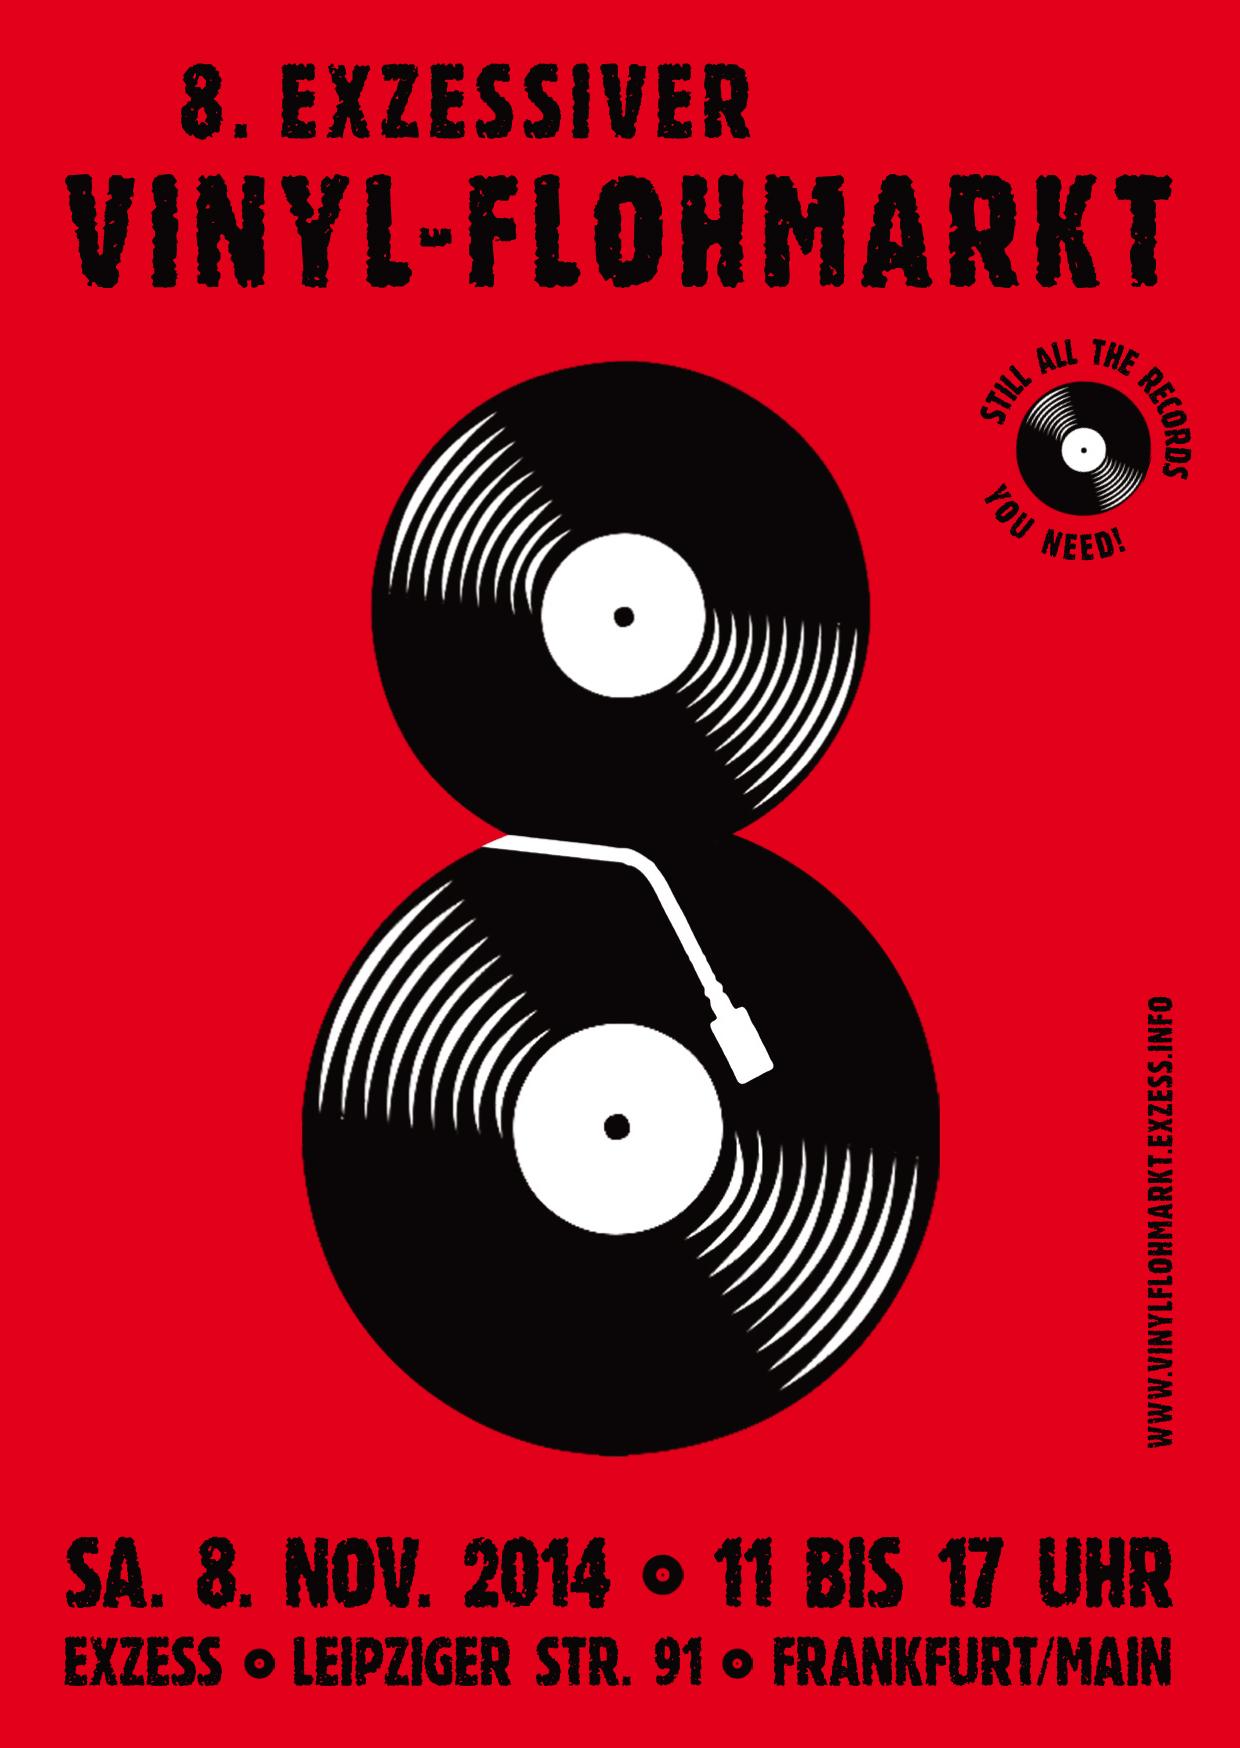 Flyer_Vinyl-Flohmarkt.indd